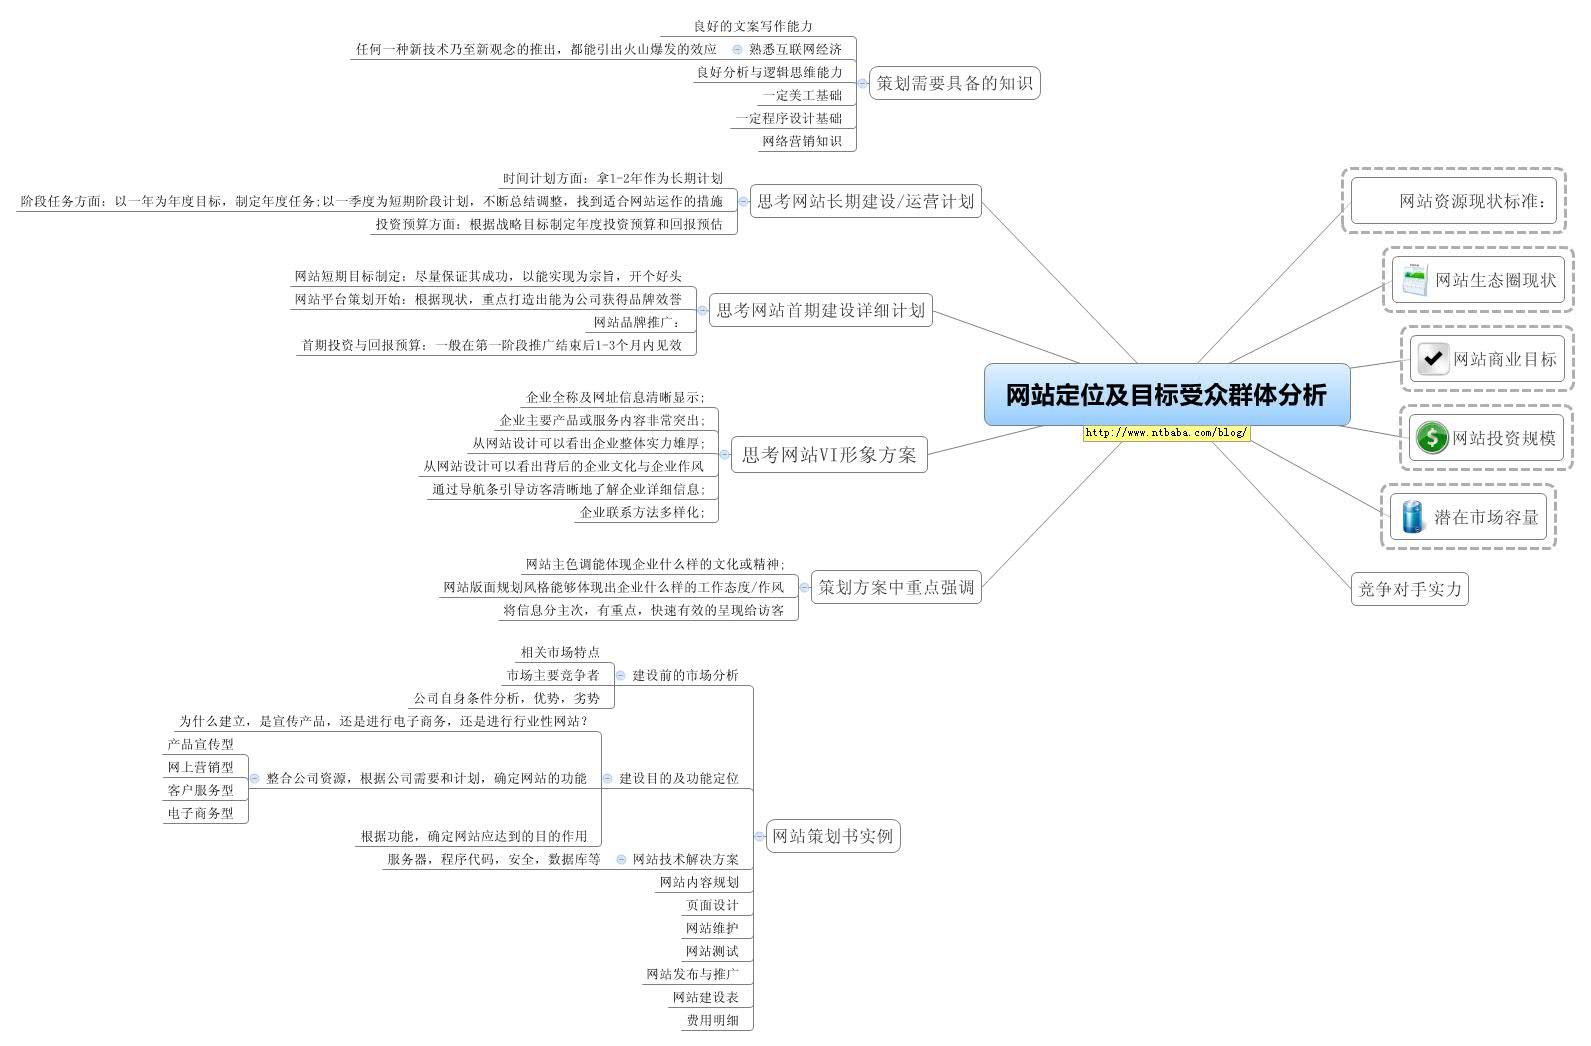 电子商务网站建设_网站定位及目标受众群体分析 - XMind - Mind Mapping Software